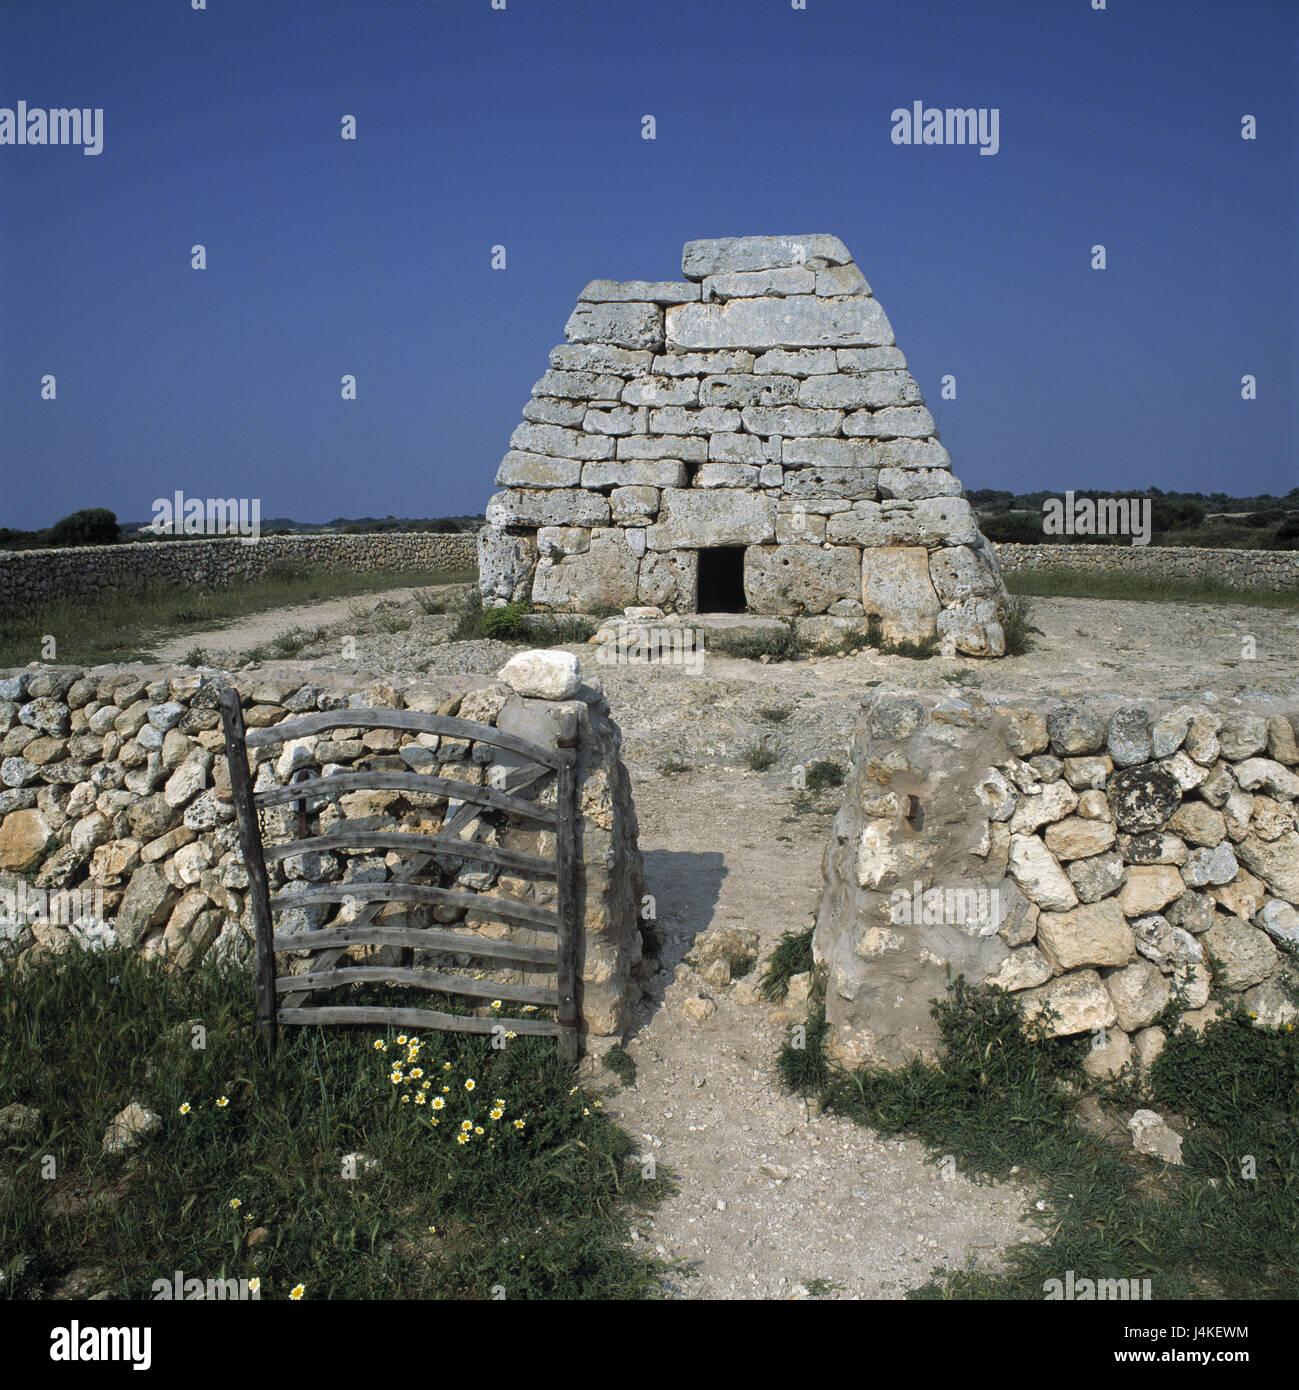 Spain, island Menorca, Nau d'es Tudons, tomb Europe, the Balearic Islands, Balearic Islands island, Naveta d'es - Stock Image